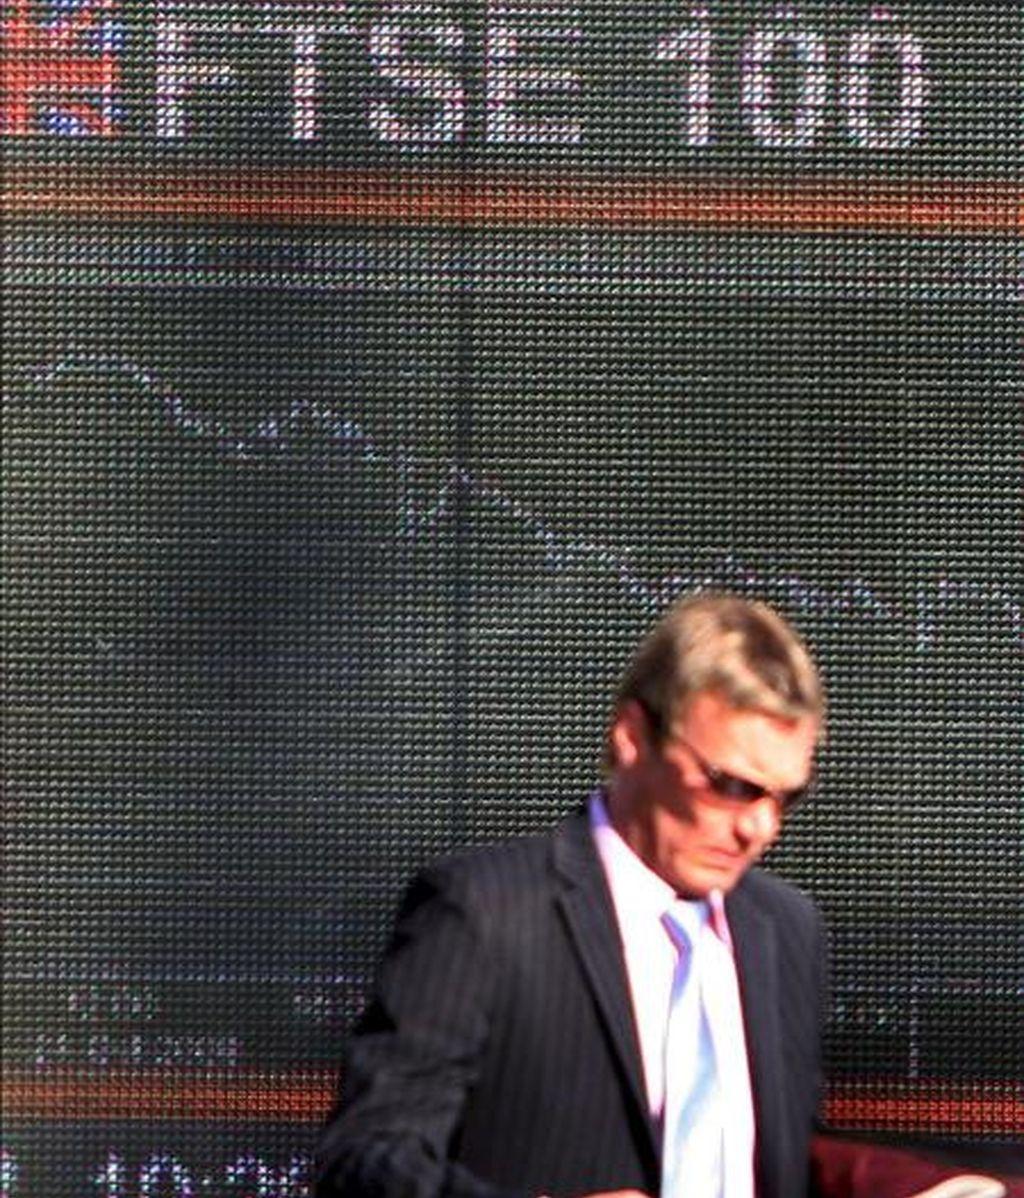 Un hombre pasa por delante de un panel electrónico que muestra el valor de la Bolsa de Londres. EFE/Archivo